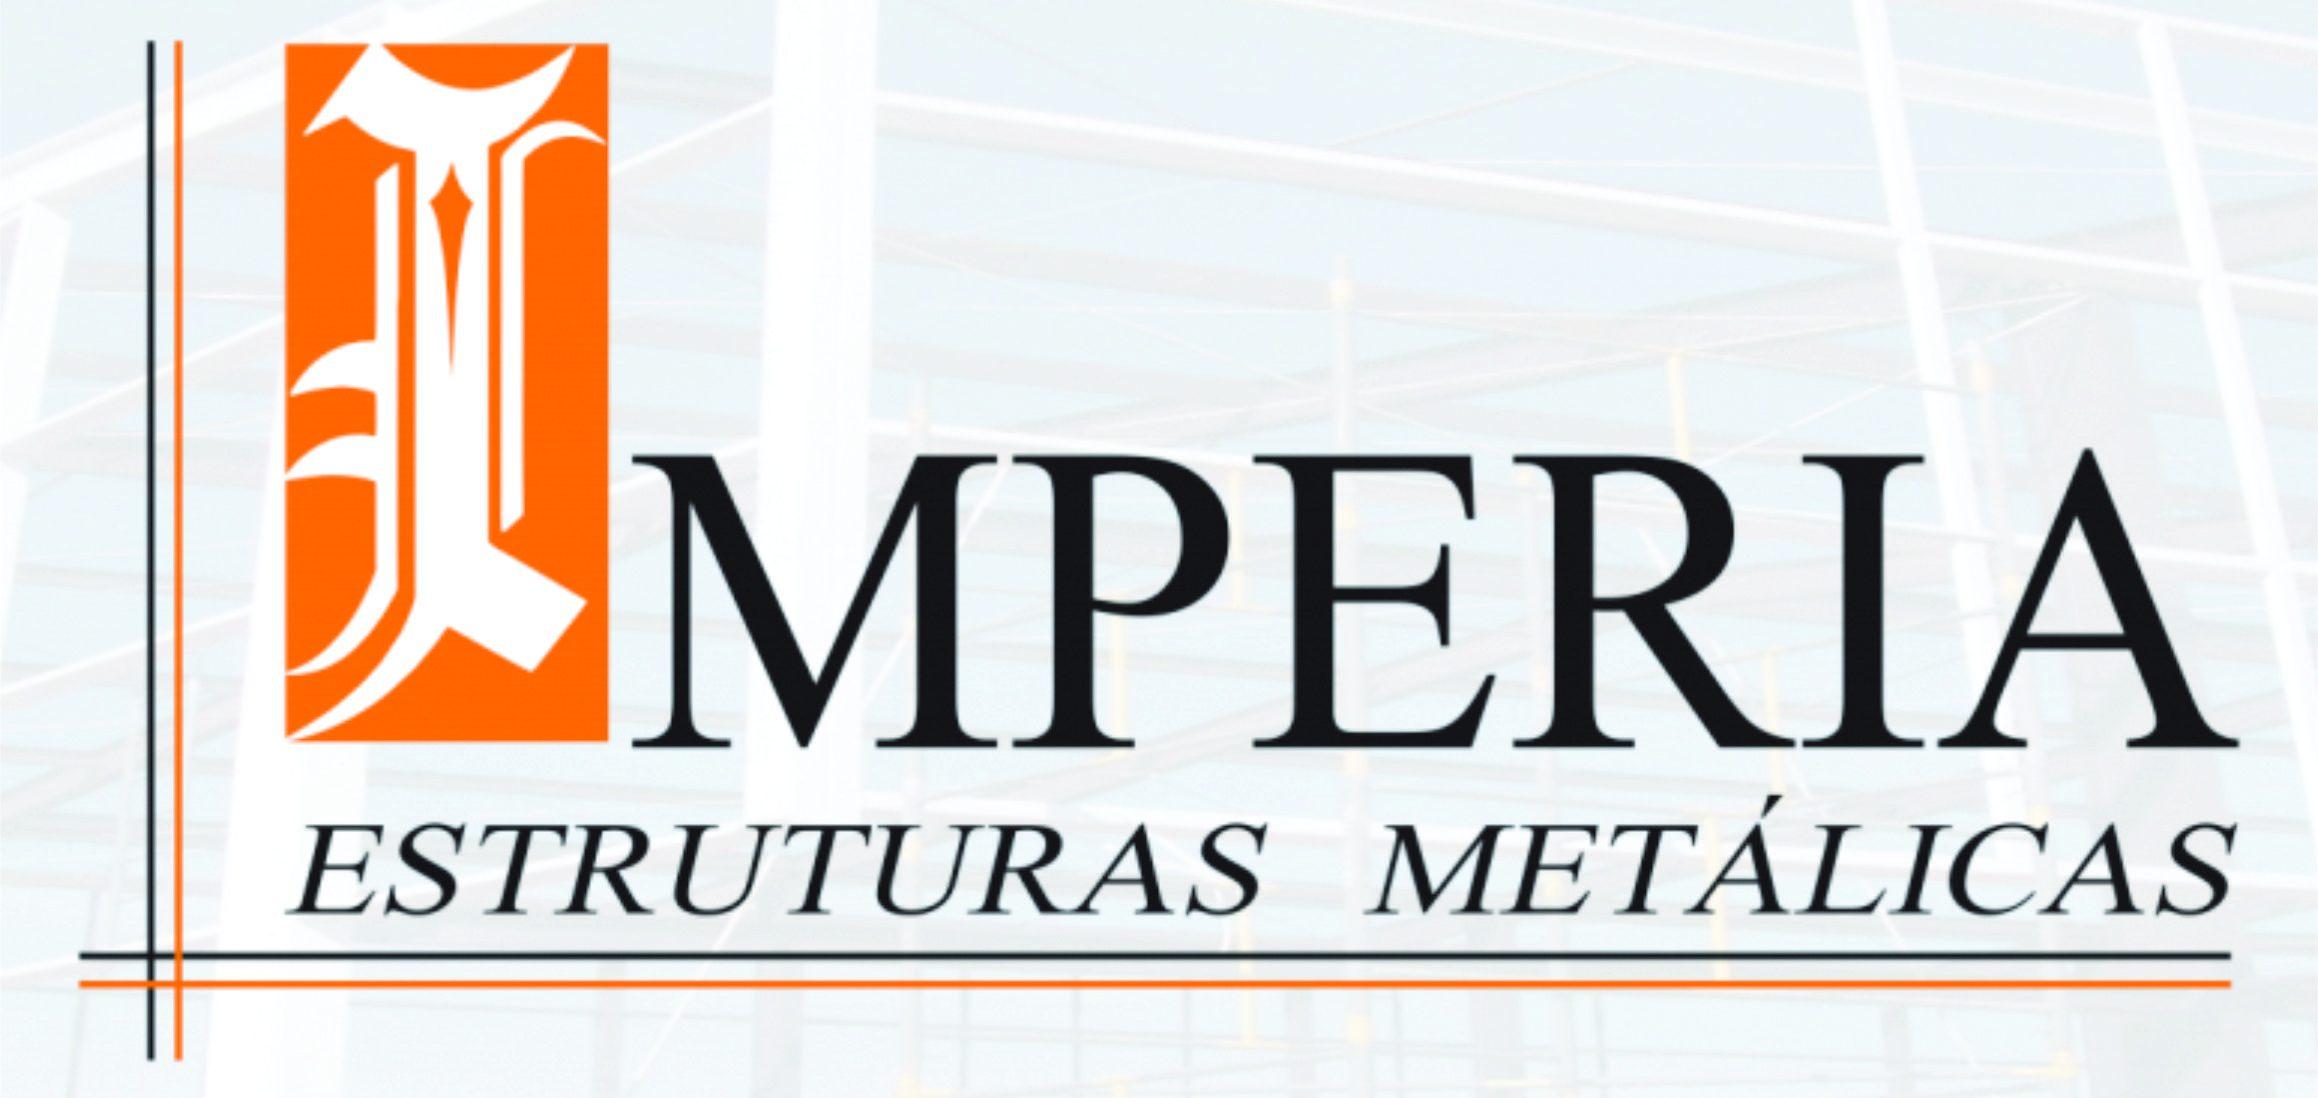 Imperia Estruturas Metalicas